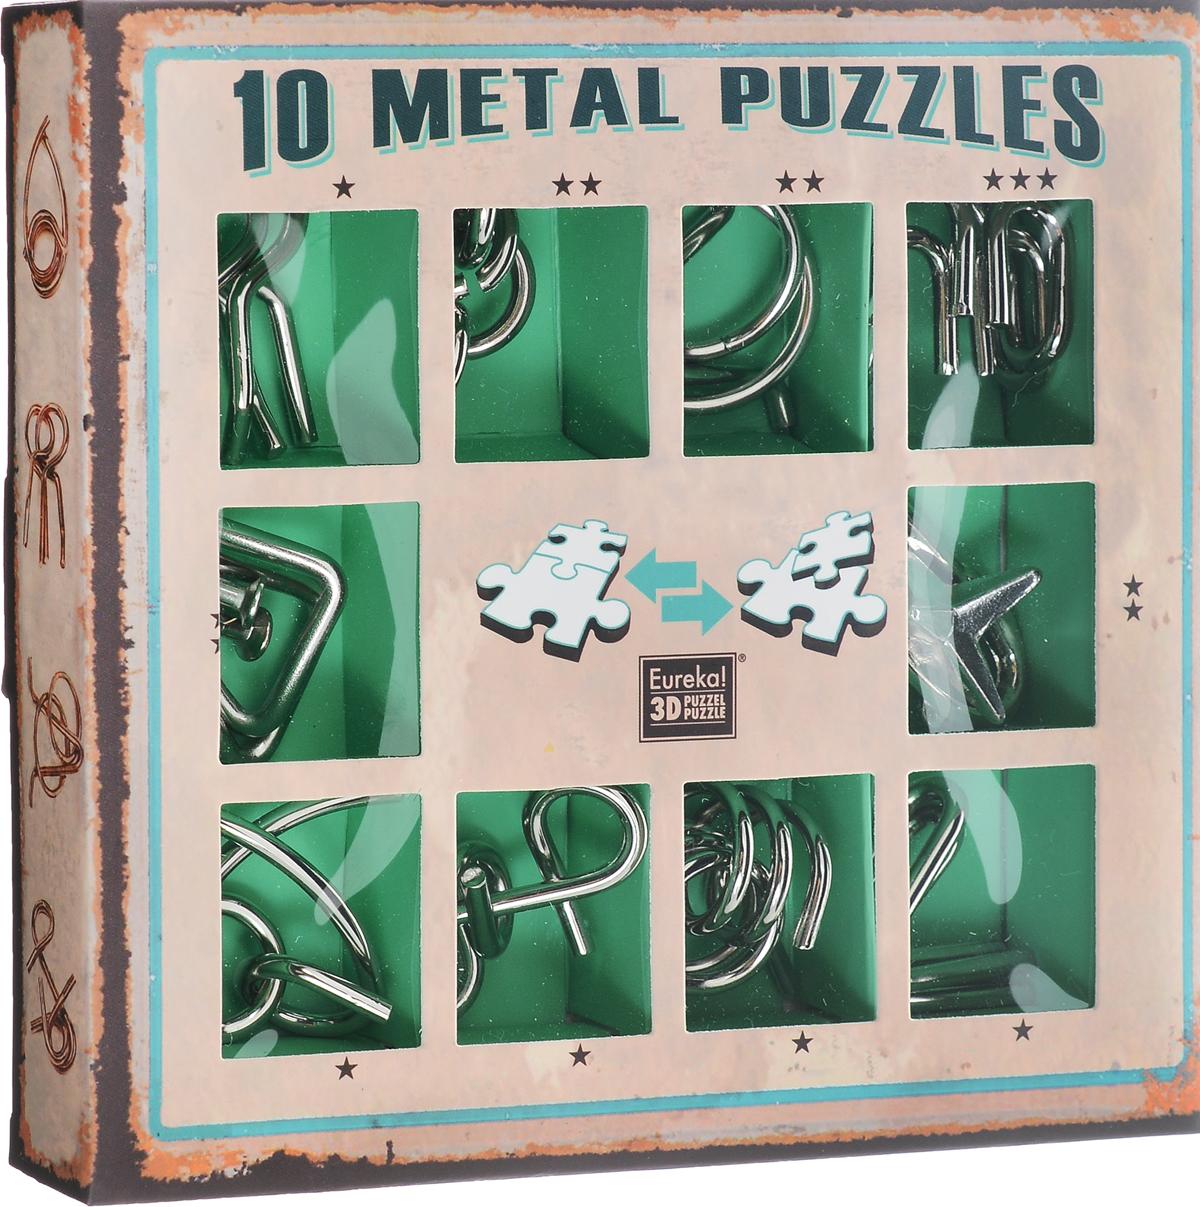 Eureka! Набор головоломок цвет зеленый 10 шт